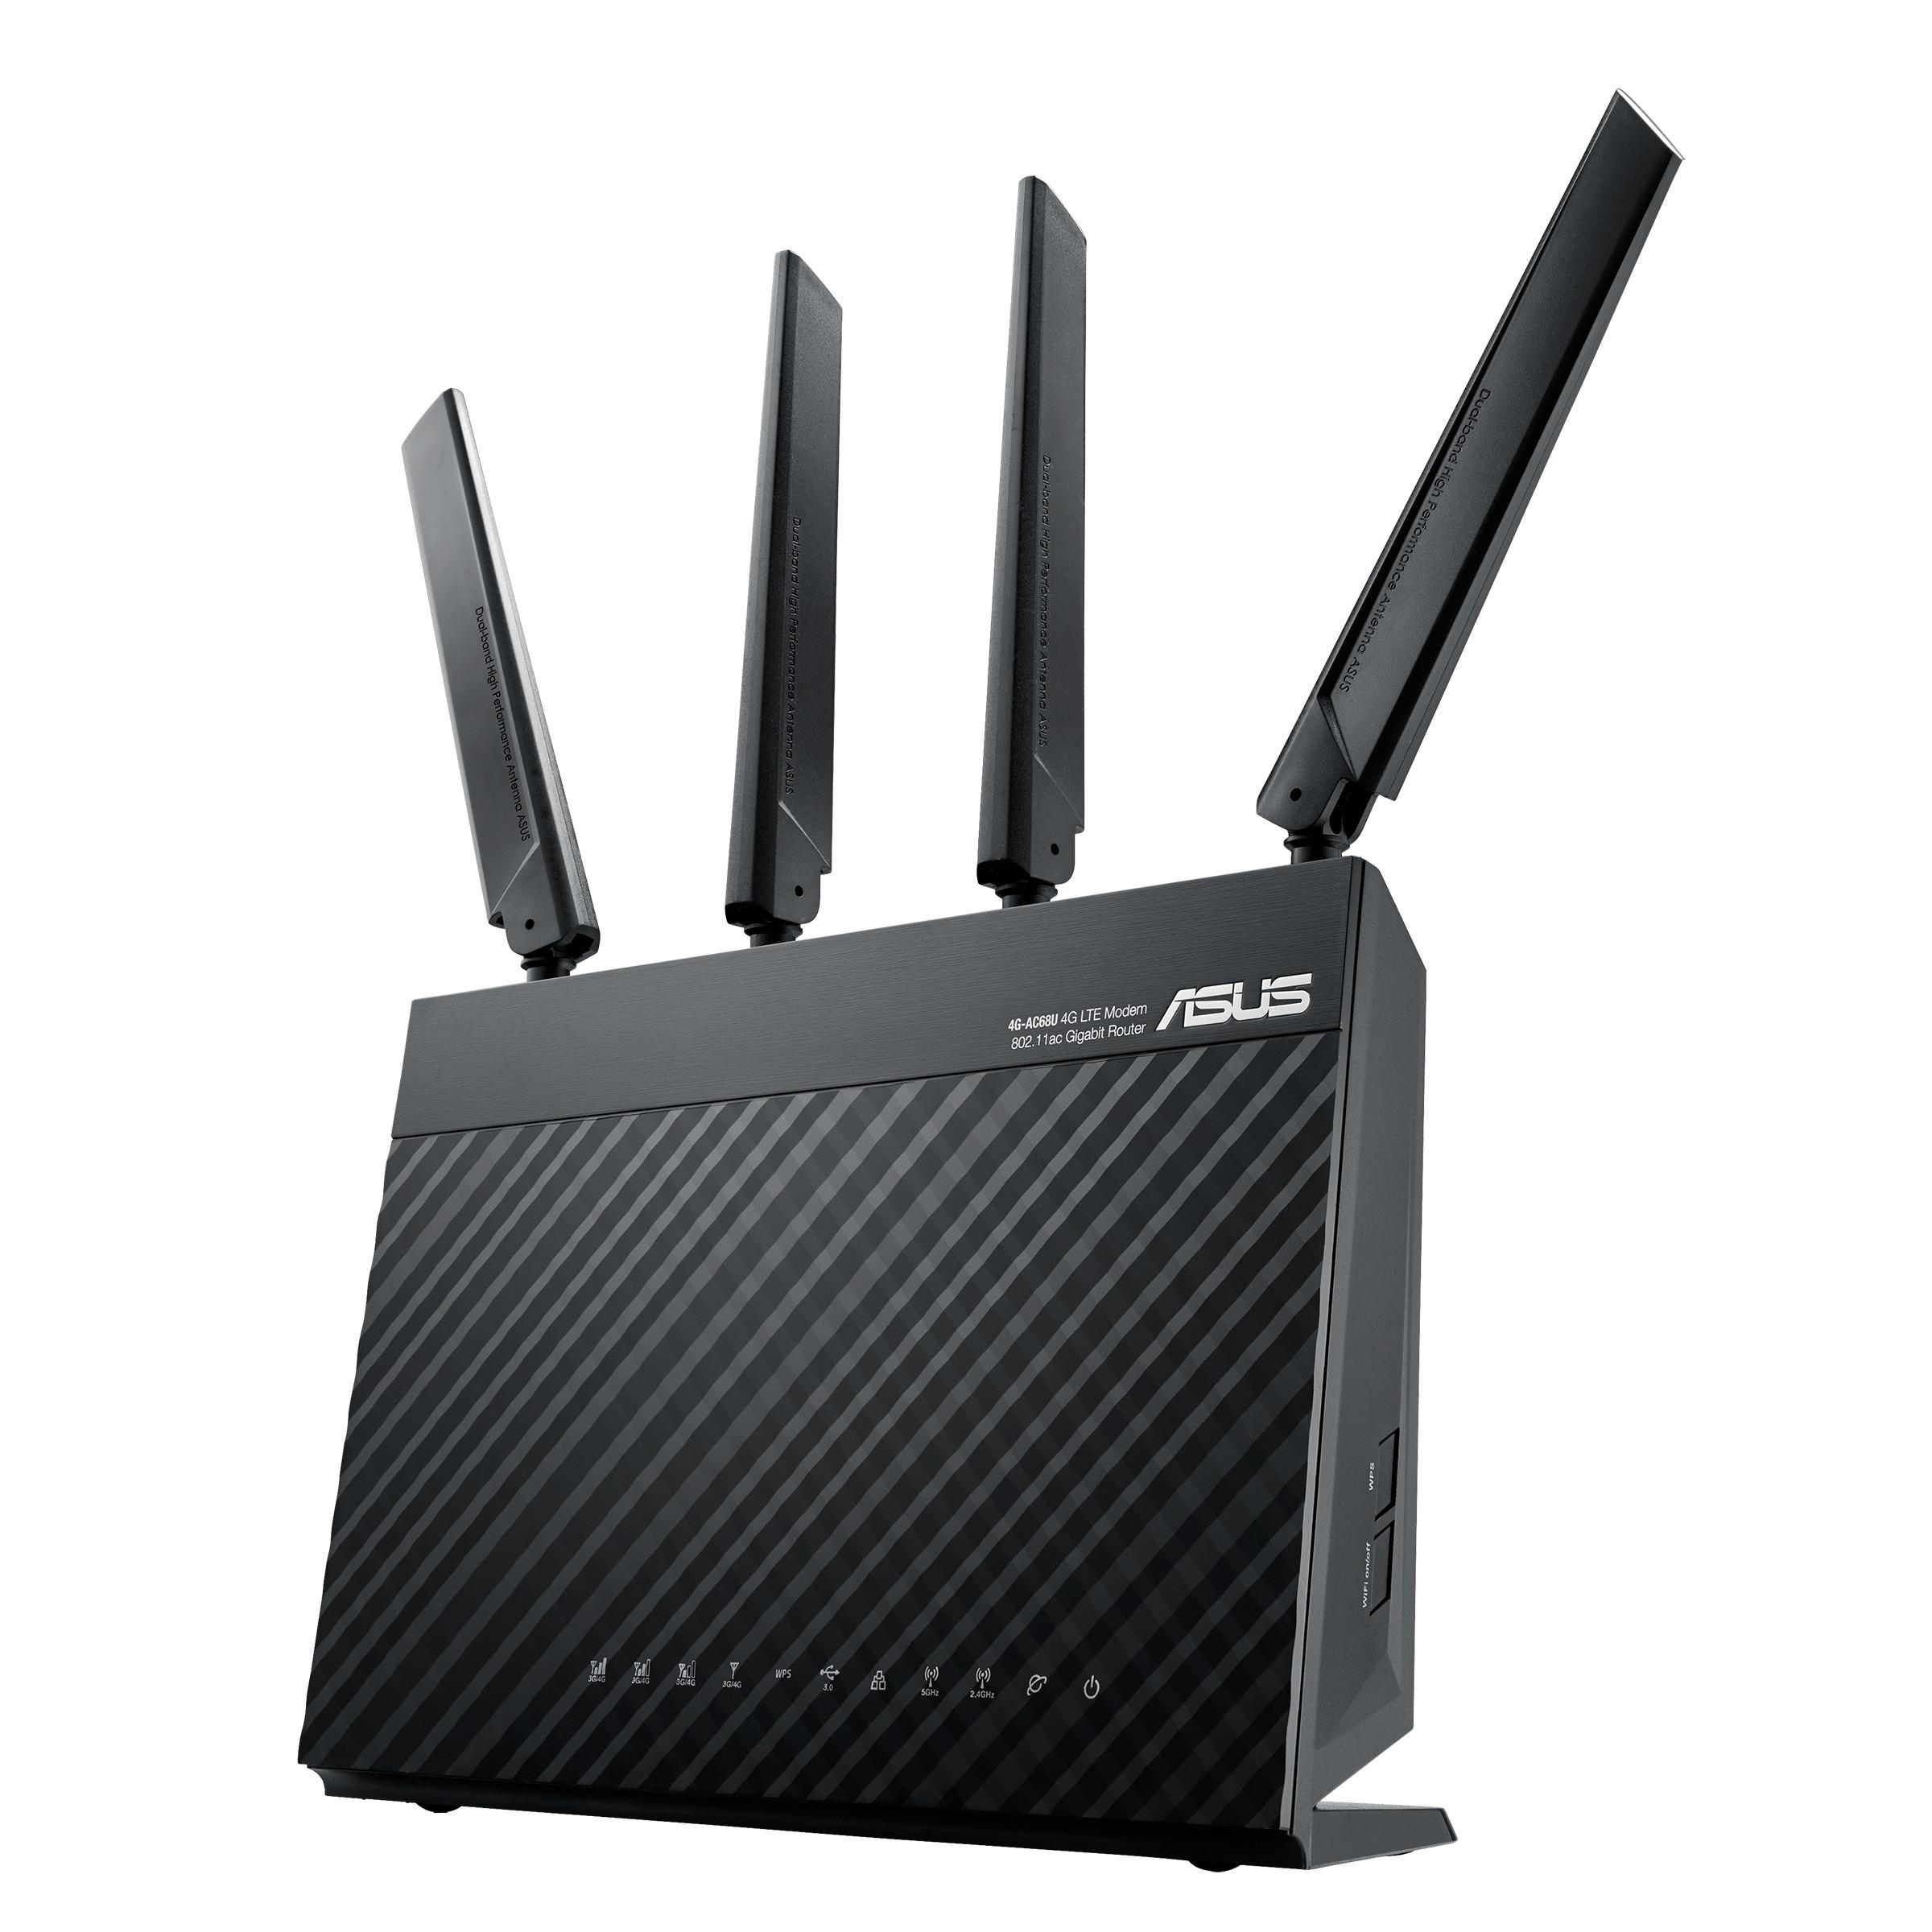 ASUS 4G-AC68U draadloze router Gigabit Ethernet Dual-band (2.4 GHz / 5 GHz) 3G Zwart